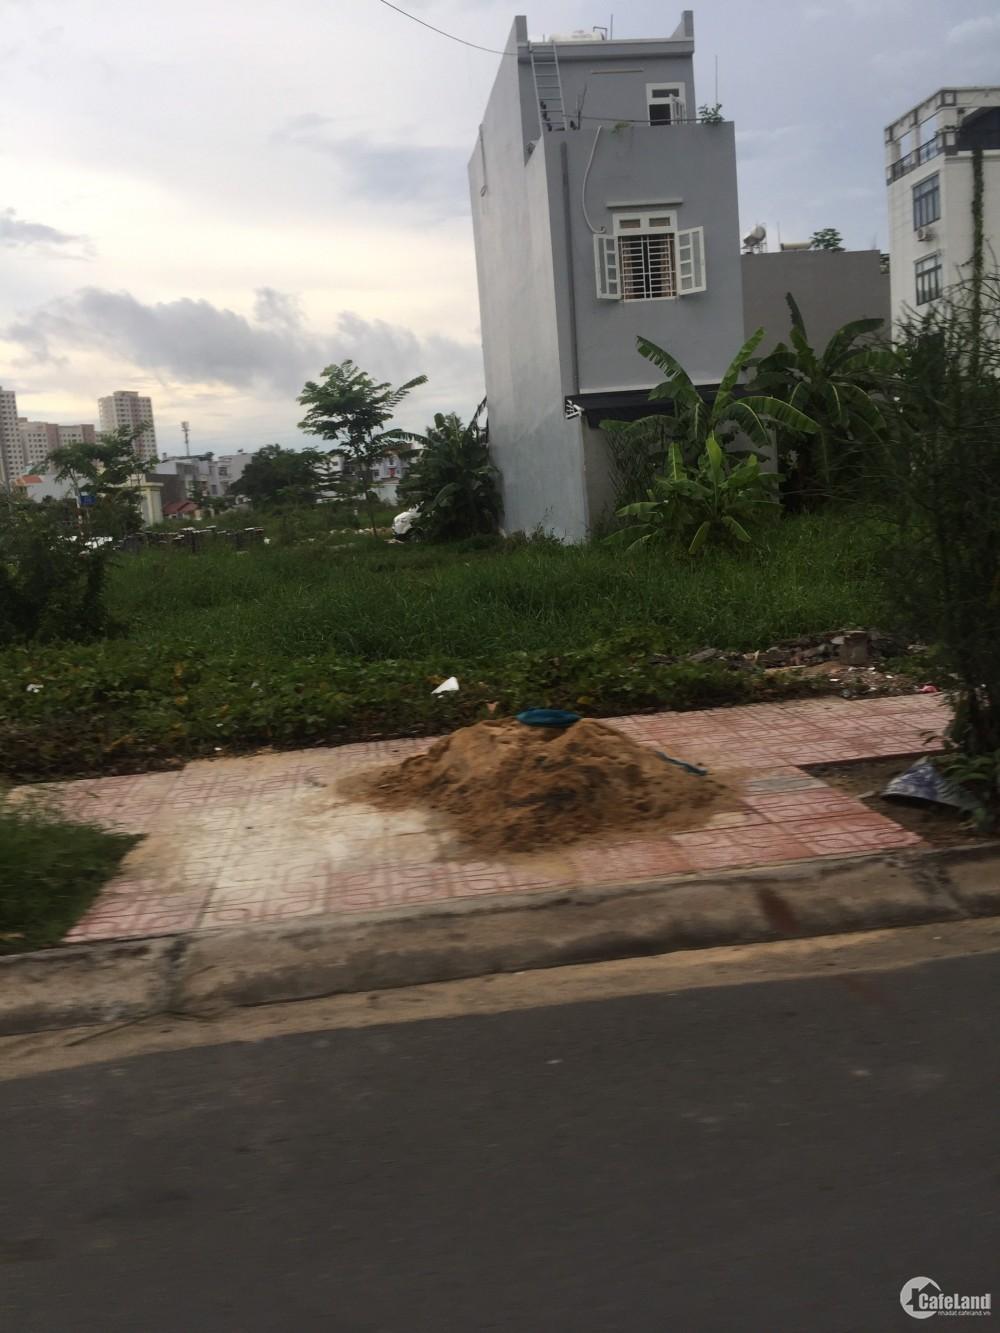 Bán gấp 2 lô đất mặt tiền Chu Văn An, Bình Thạnh, 80m2, 1,02 tỷ, sổ riêng